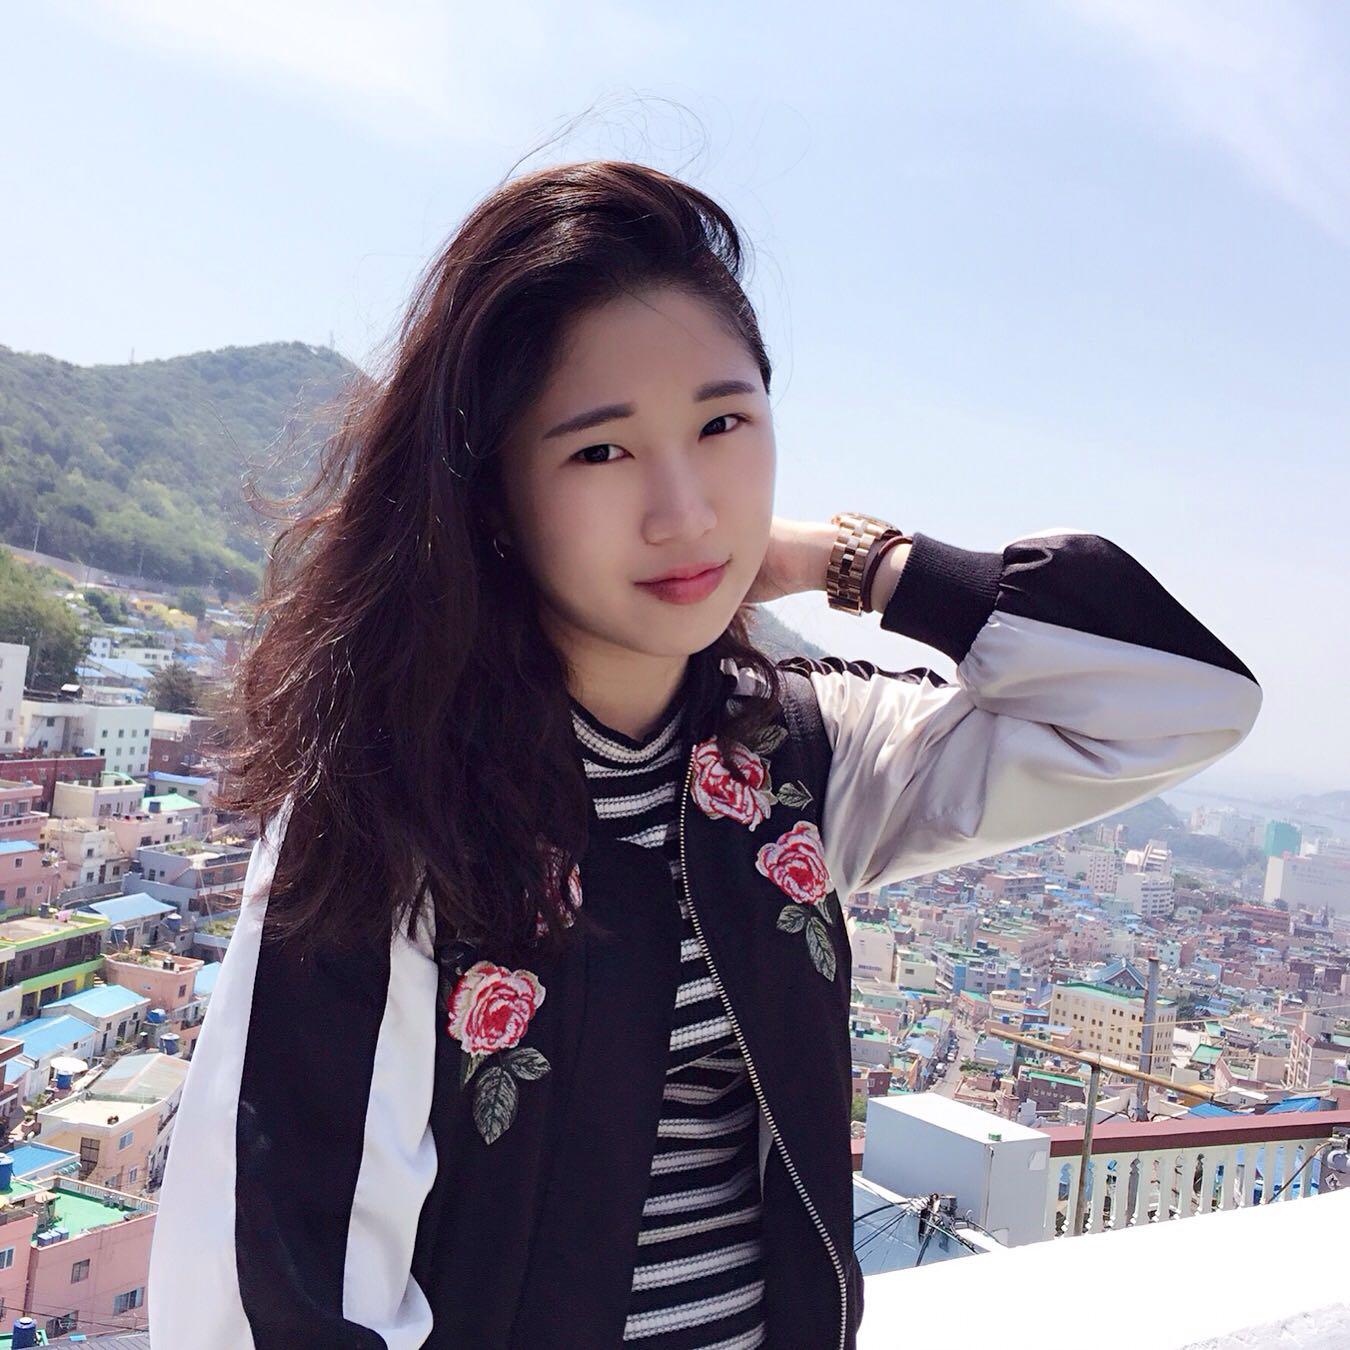 yishiuanhuang